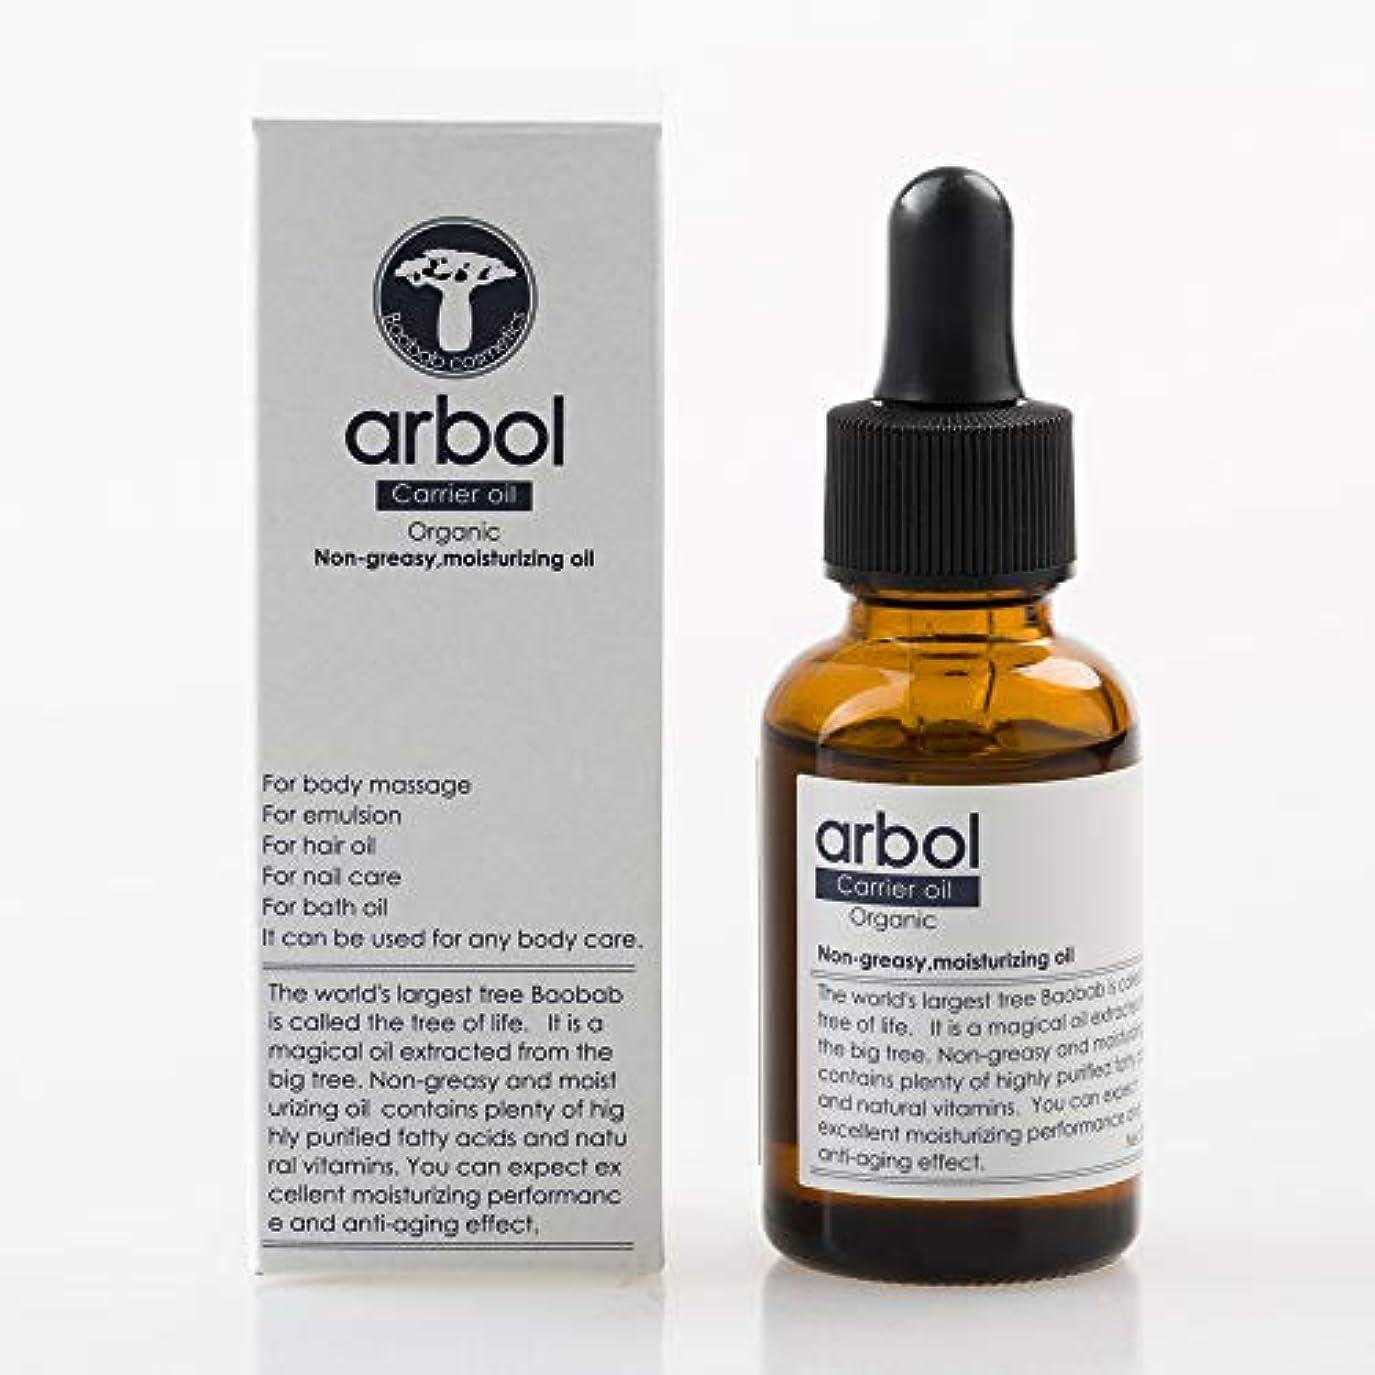 吐き出すマッサージ防水arbol(アルボル)キャリアオイル 30ml スキンオイル バオバブオイル ピュアオイル (フェイスオイル/ボディオイル/ヘアオイル/ネイルオイル)1118-1001